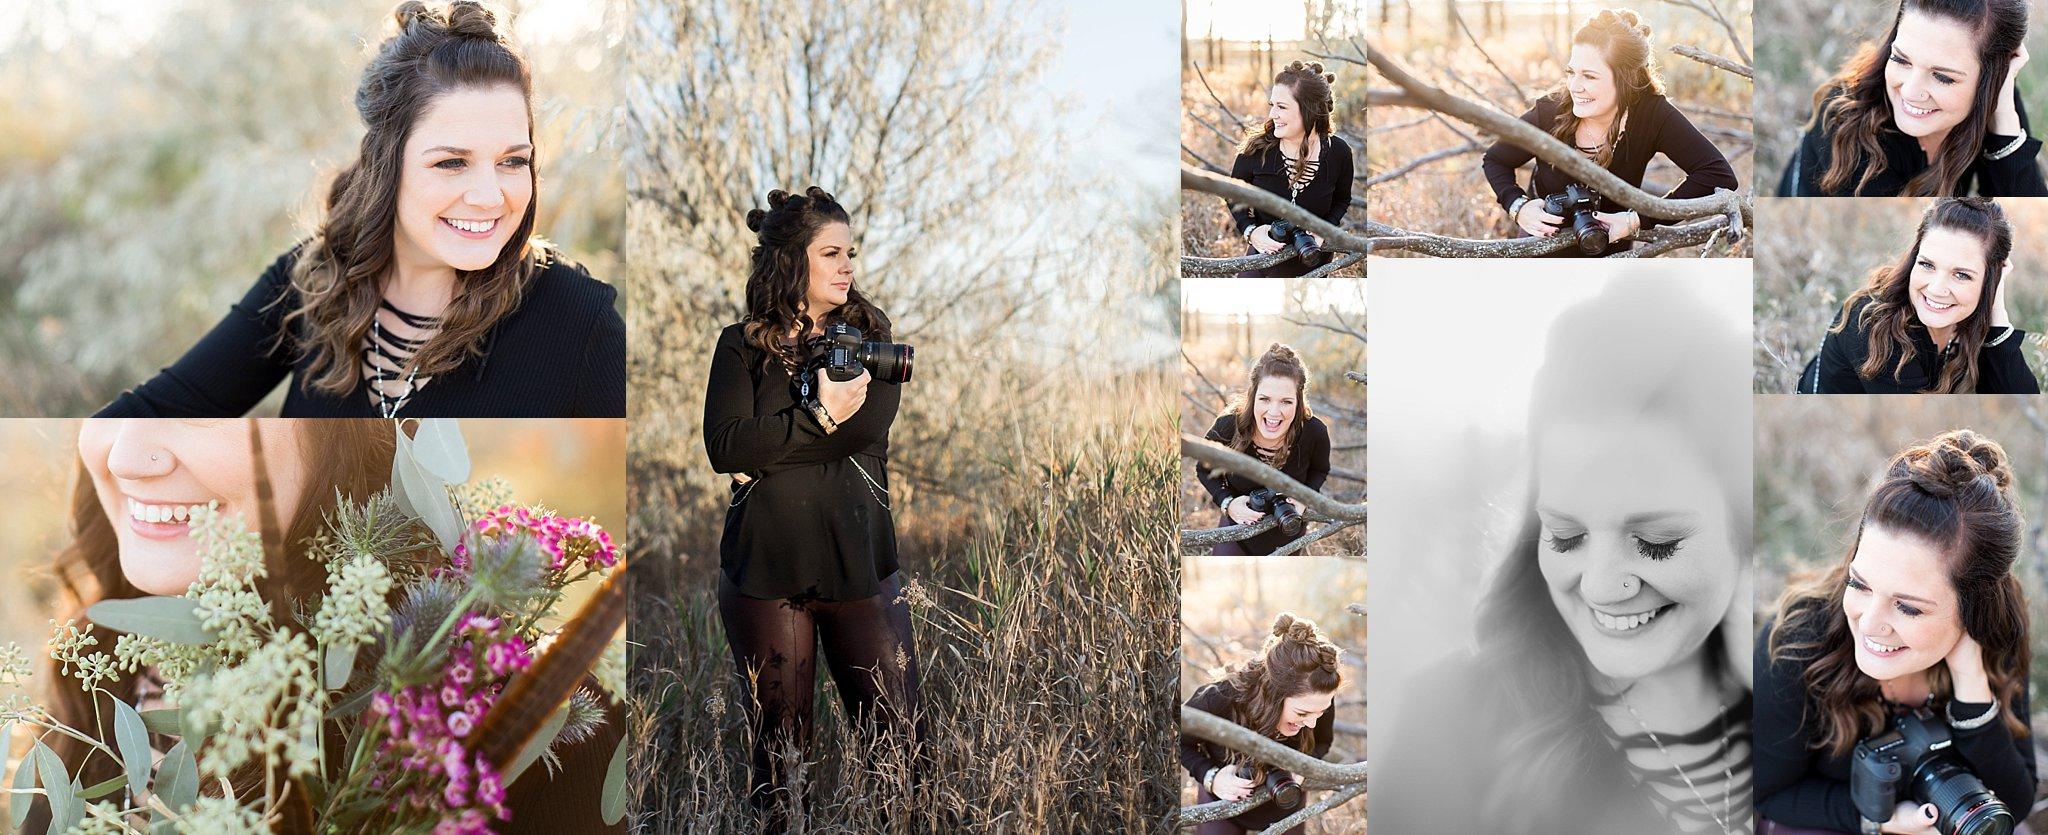 Meet Janna Sagvold Photographer Fargo ND photographer Janna Sagvold Photography